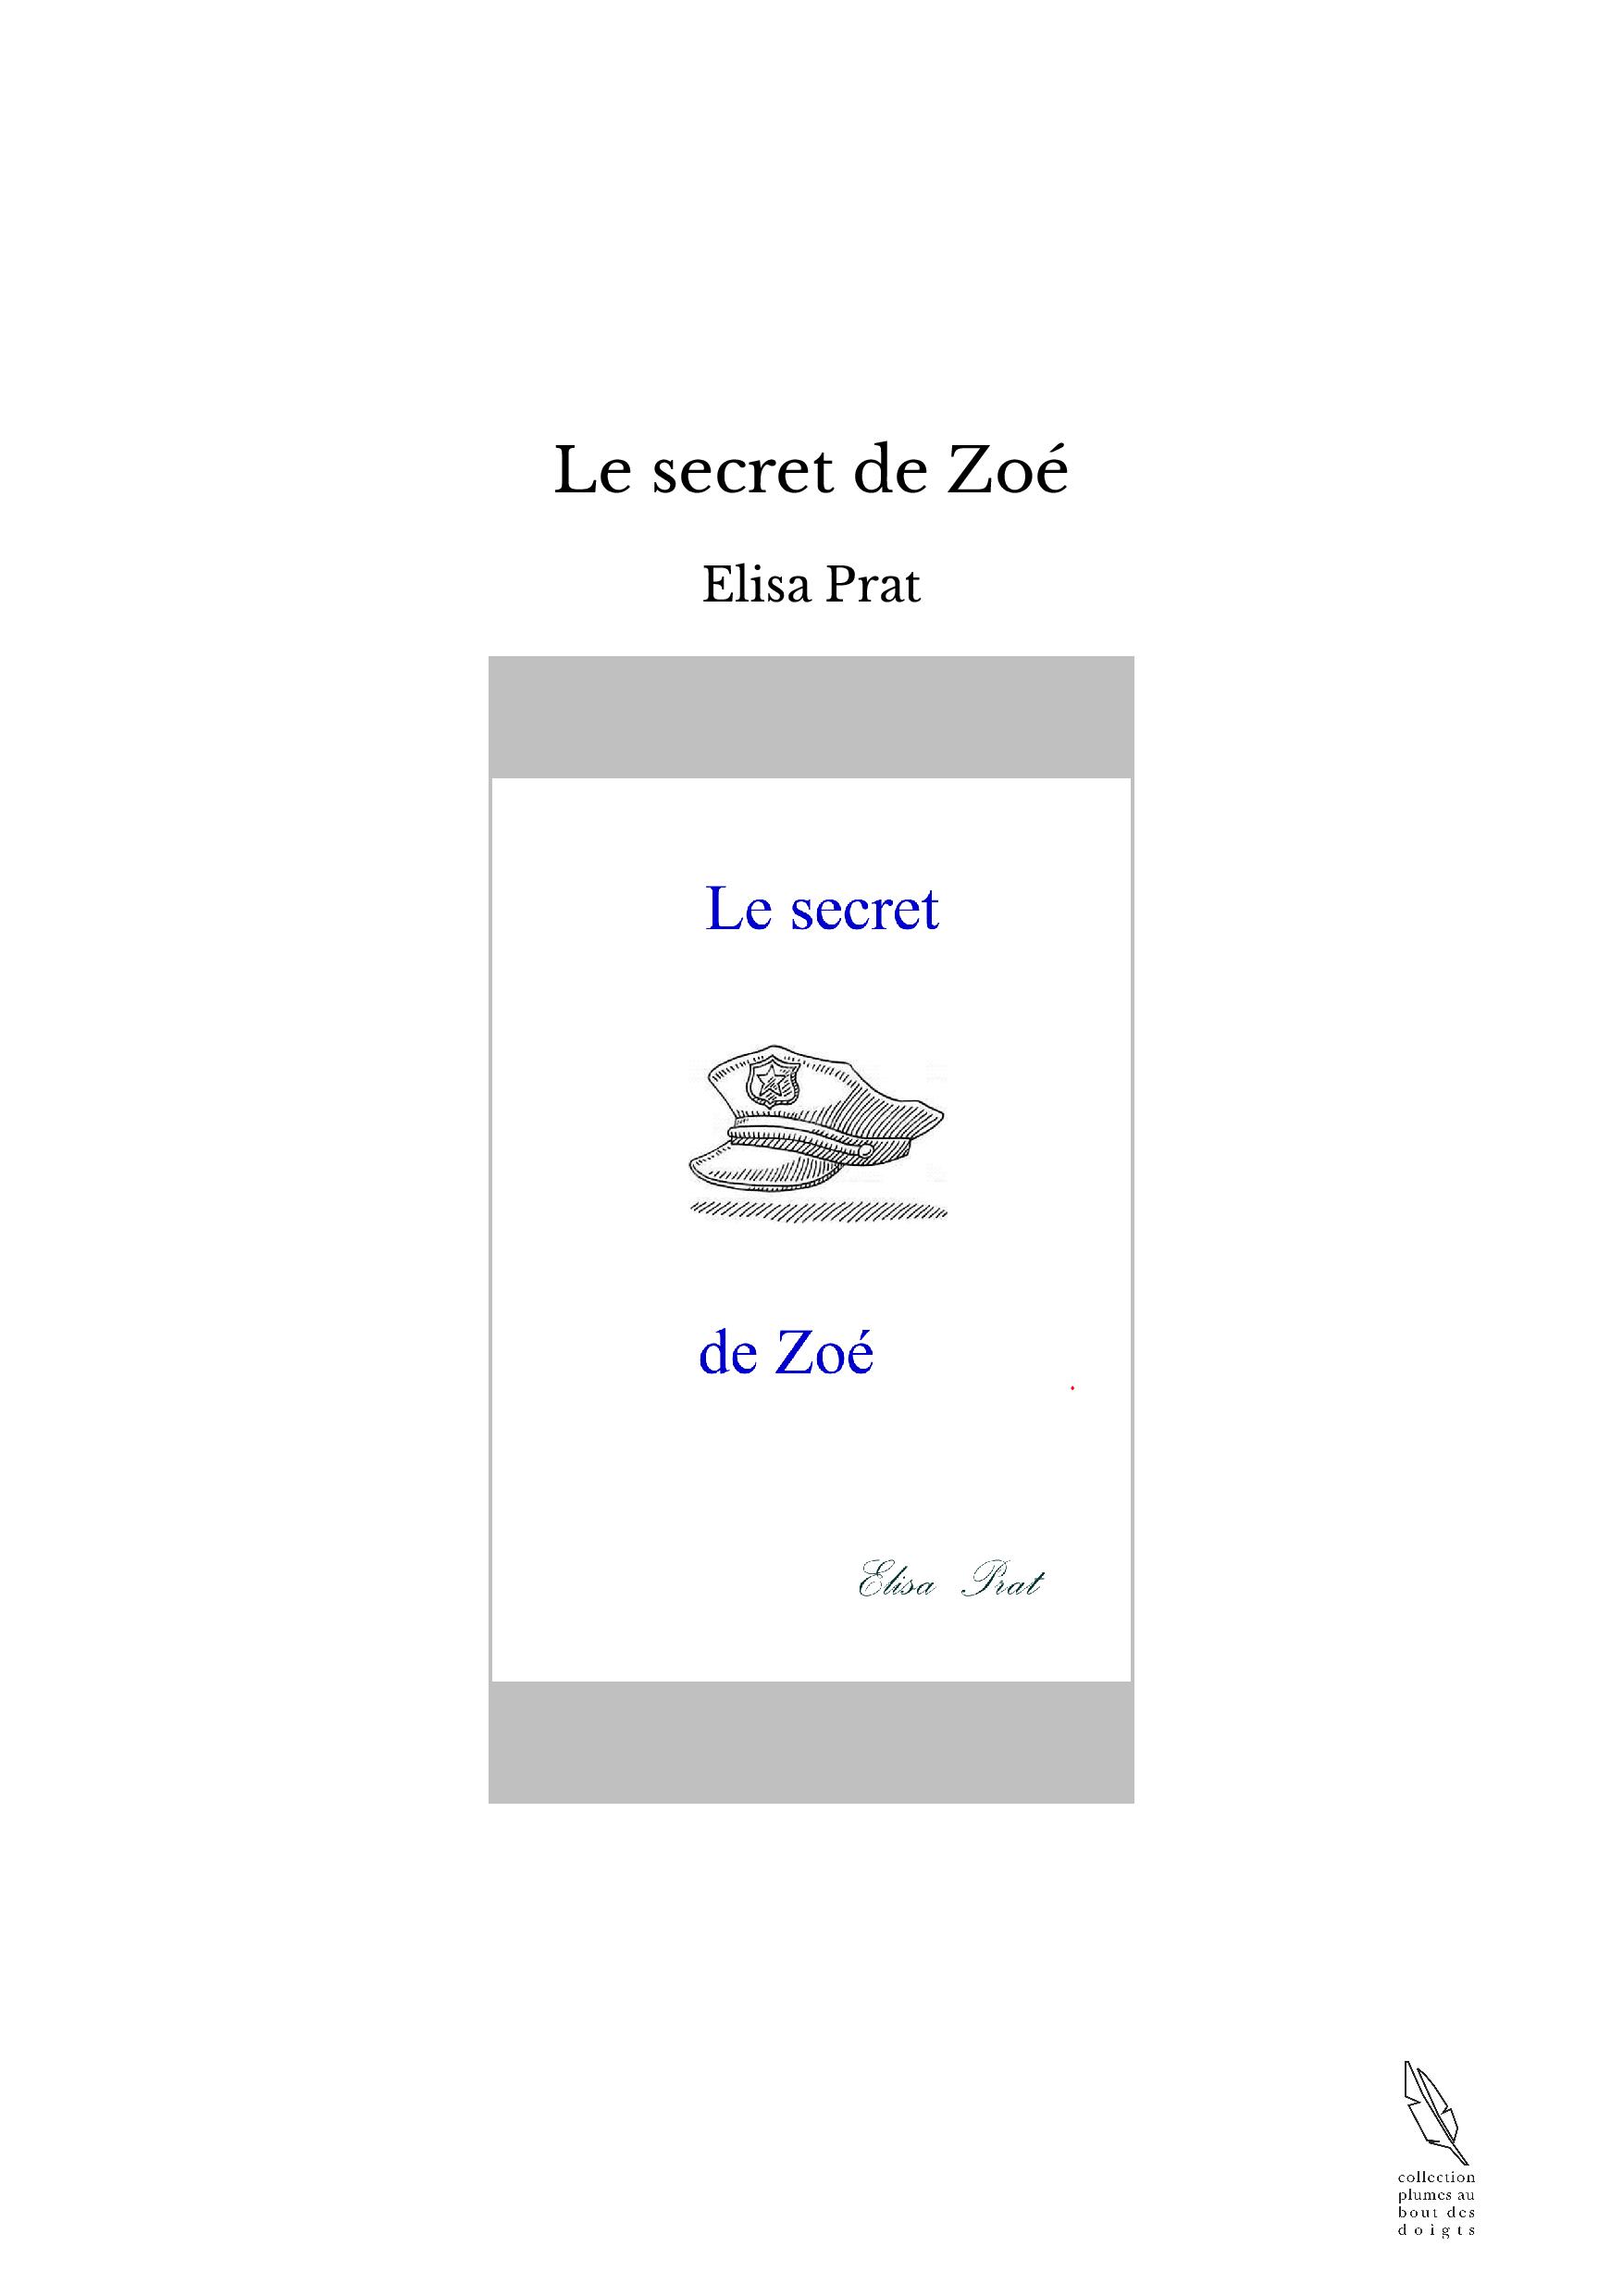 Le secret de Zoé